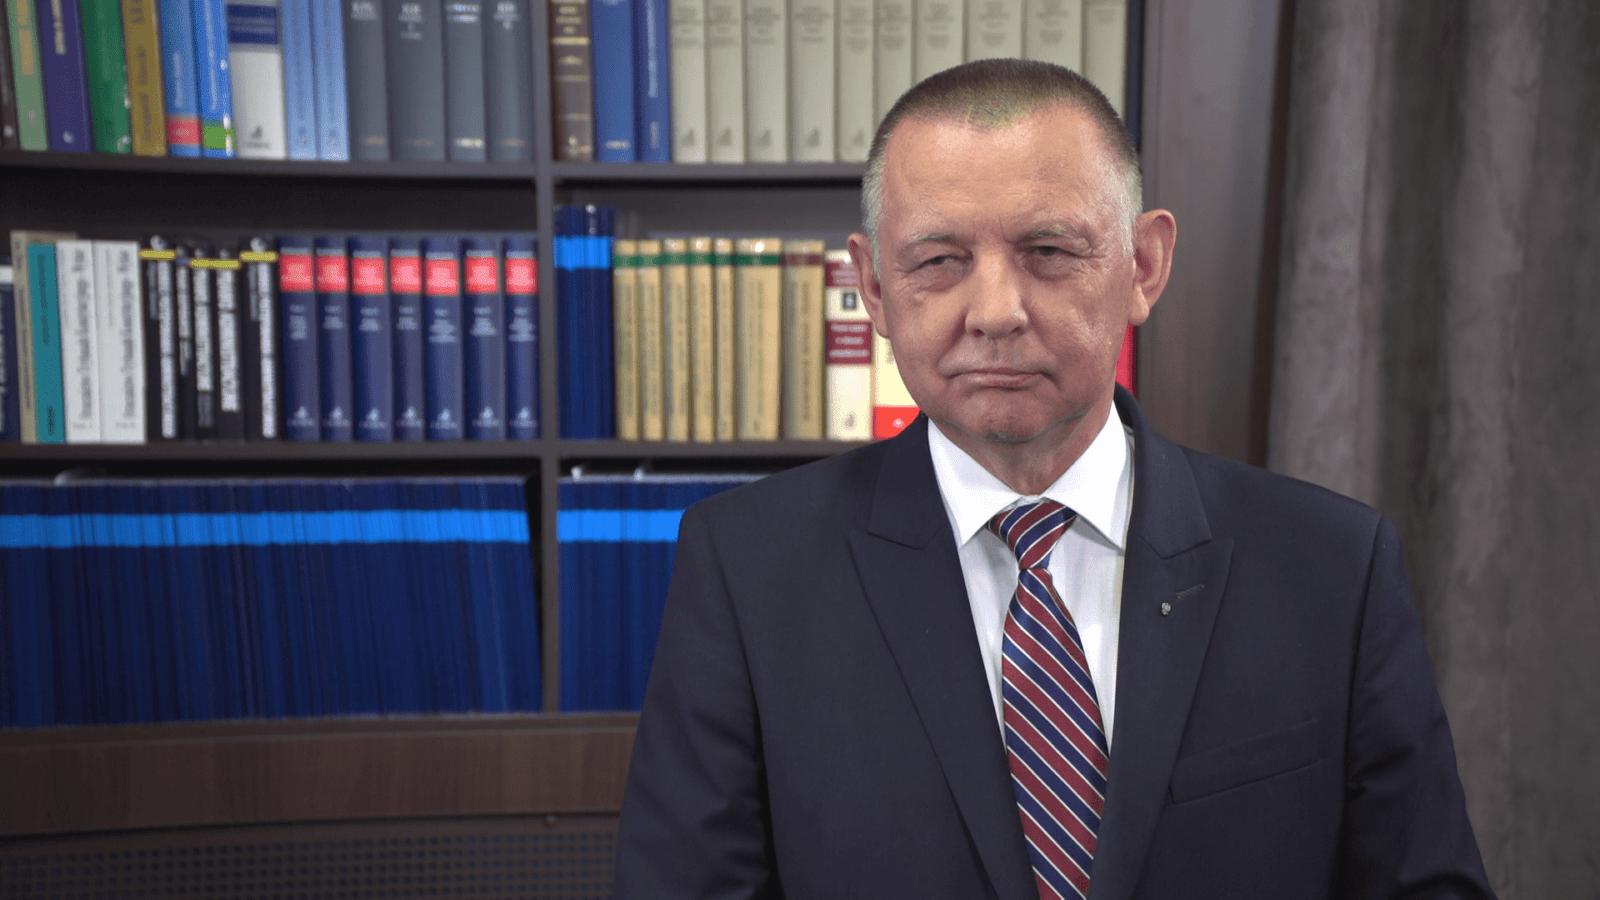 Marian Banaś: W przyszłym roku szczegółowe kontrole tarcz covidowych. Pomoc nawet w nadzwyczajnych sytuacjach musi być przejrzysta